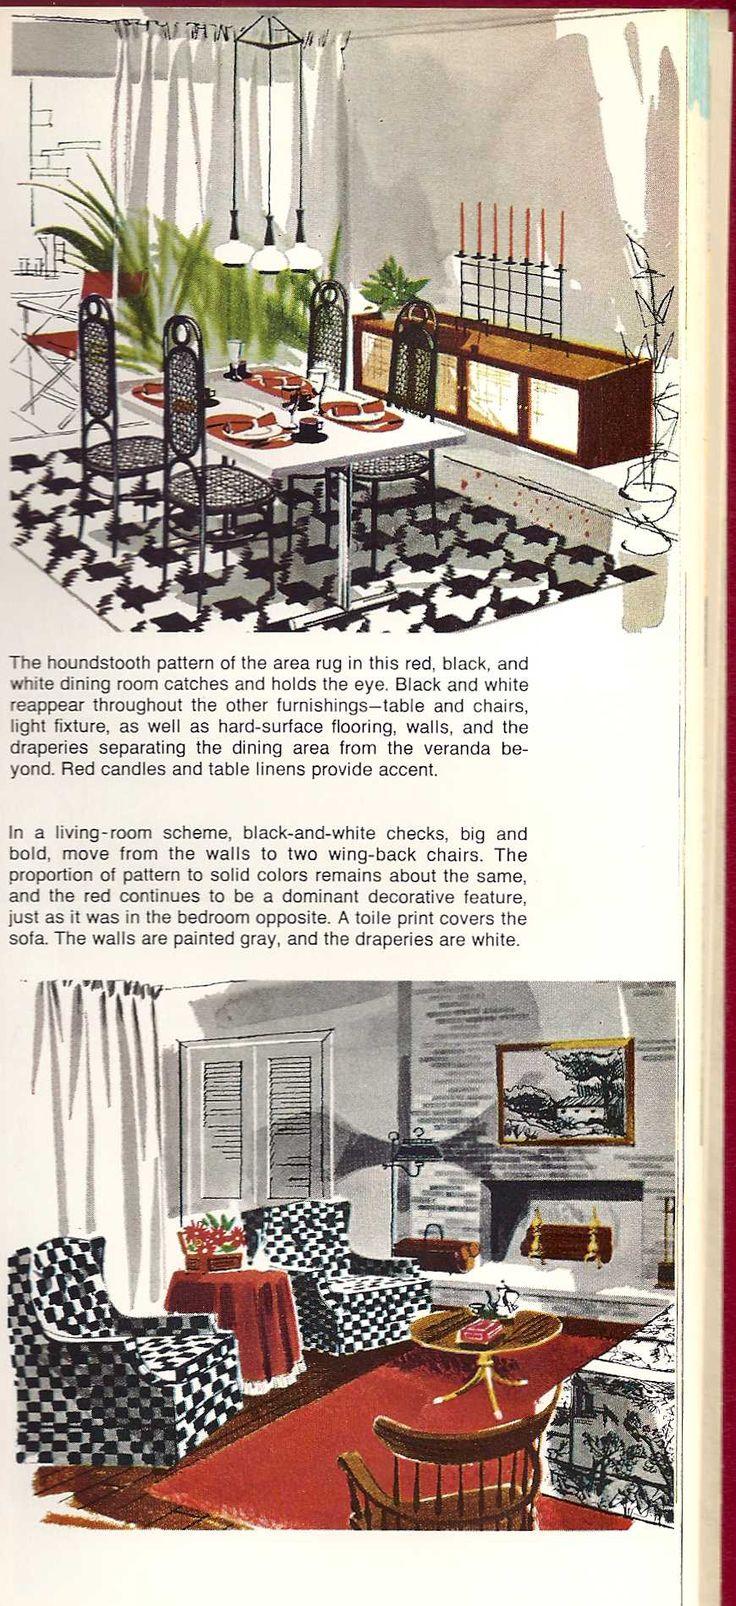 70 s interior design book interiors interior design for Interior design and decorating books